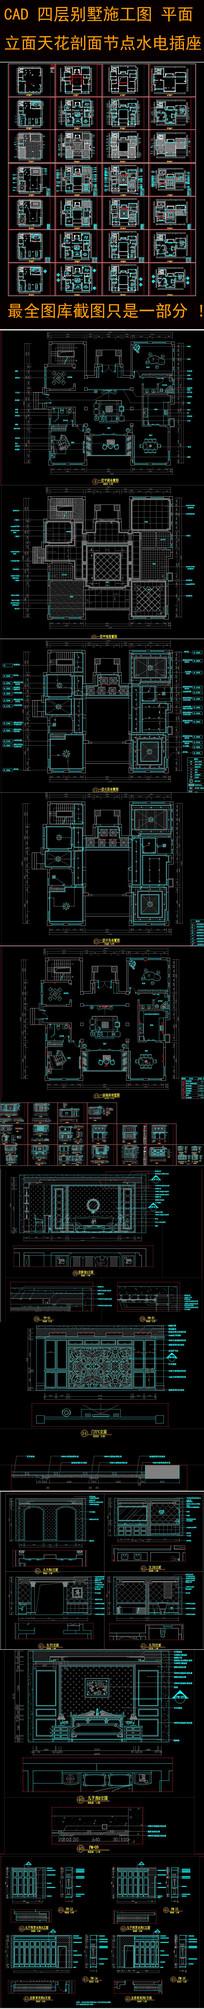 CAD四层别墅装修施工图节点